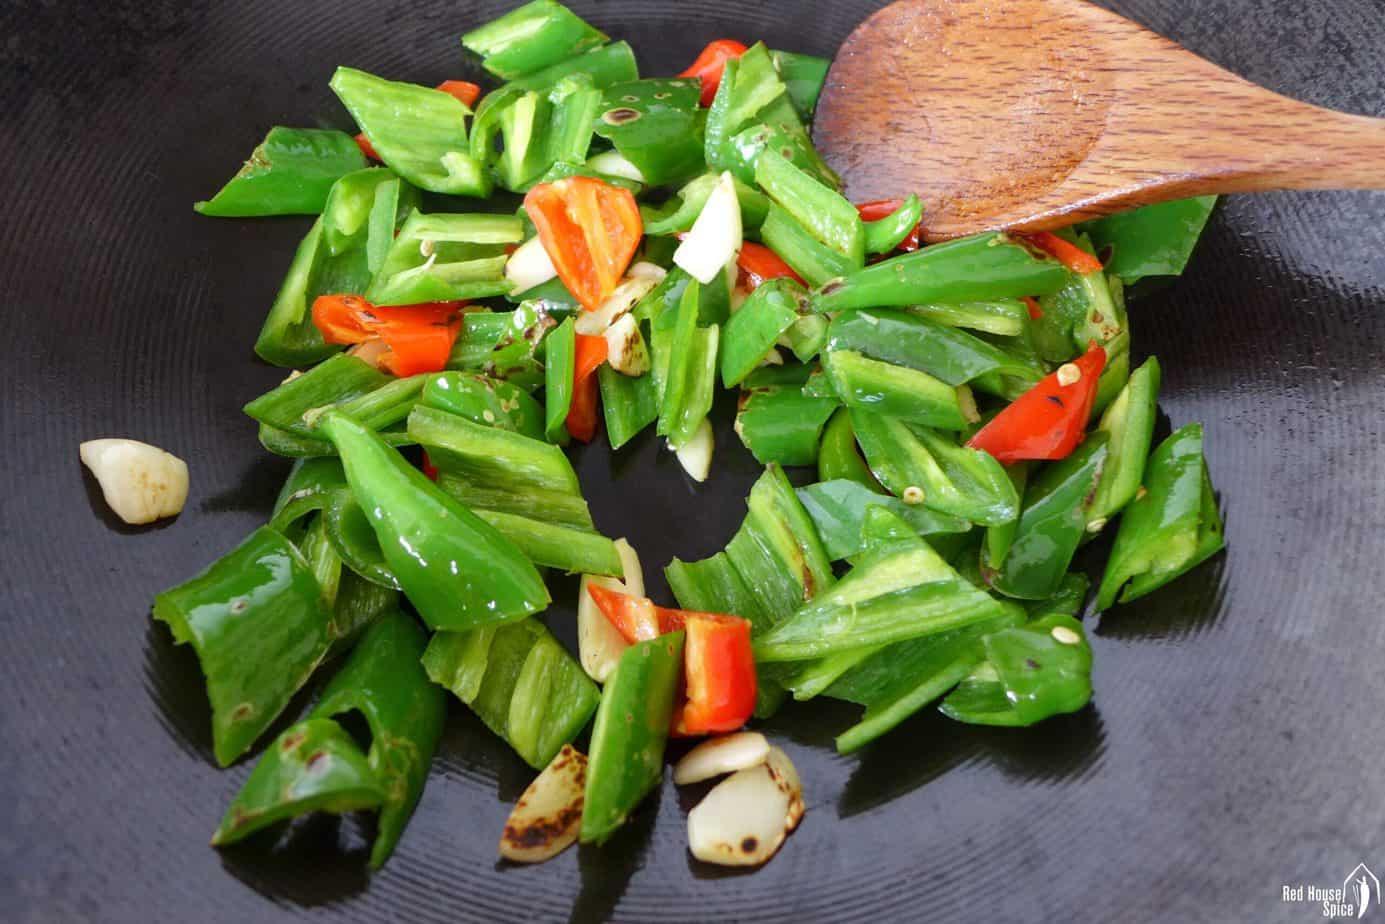 frying chili pepper